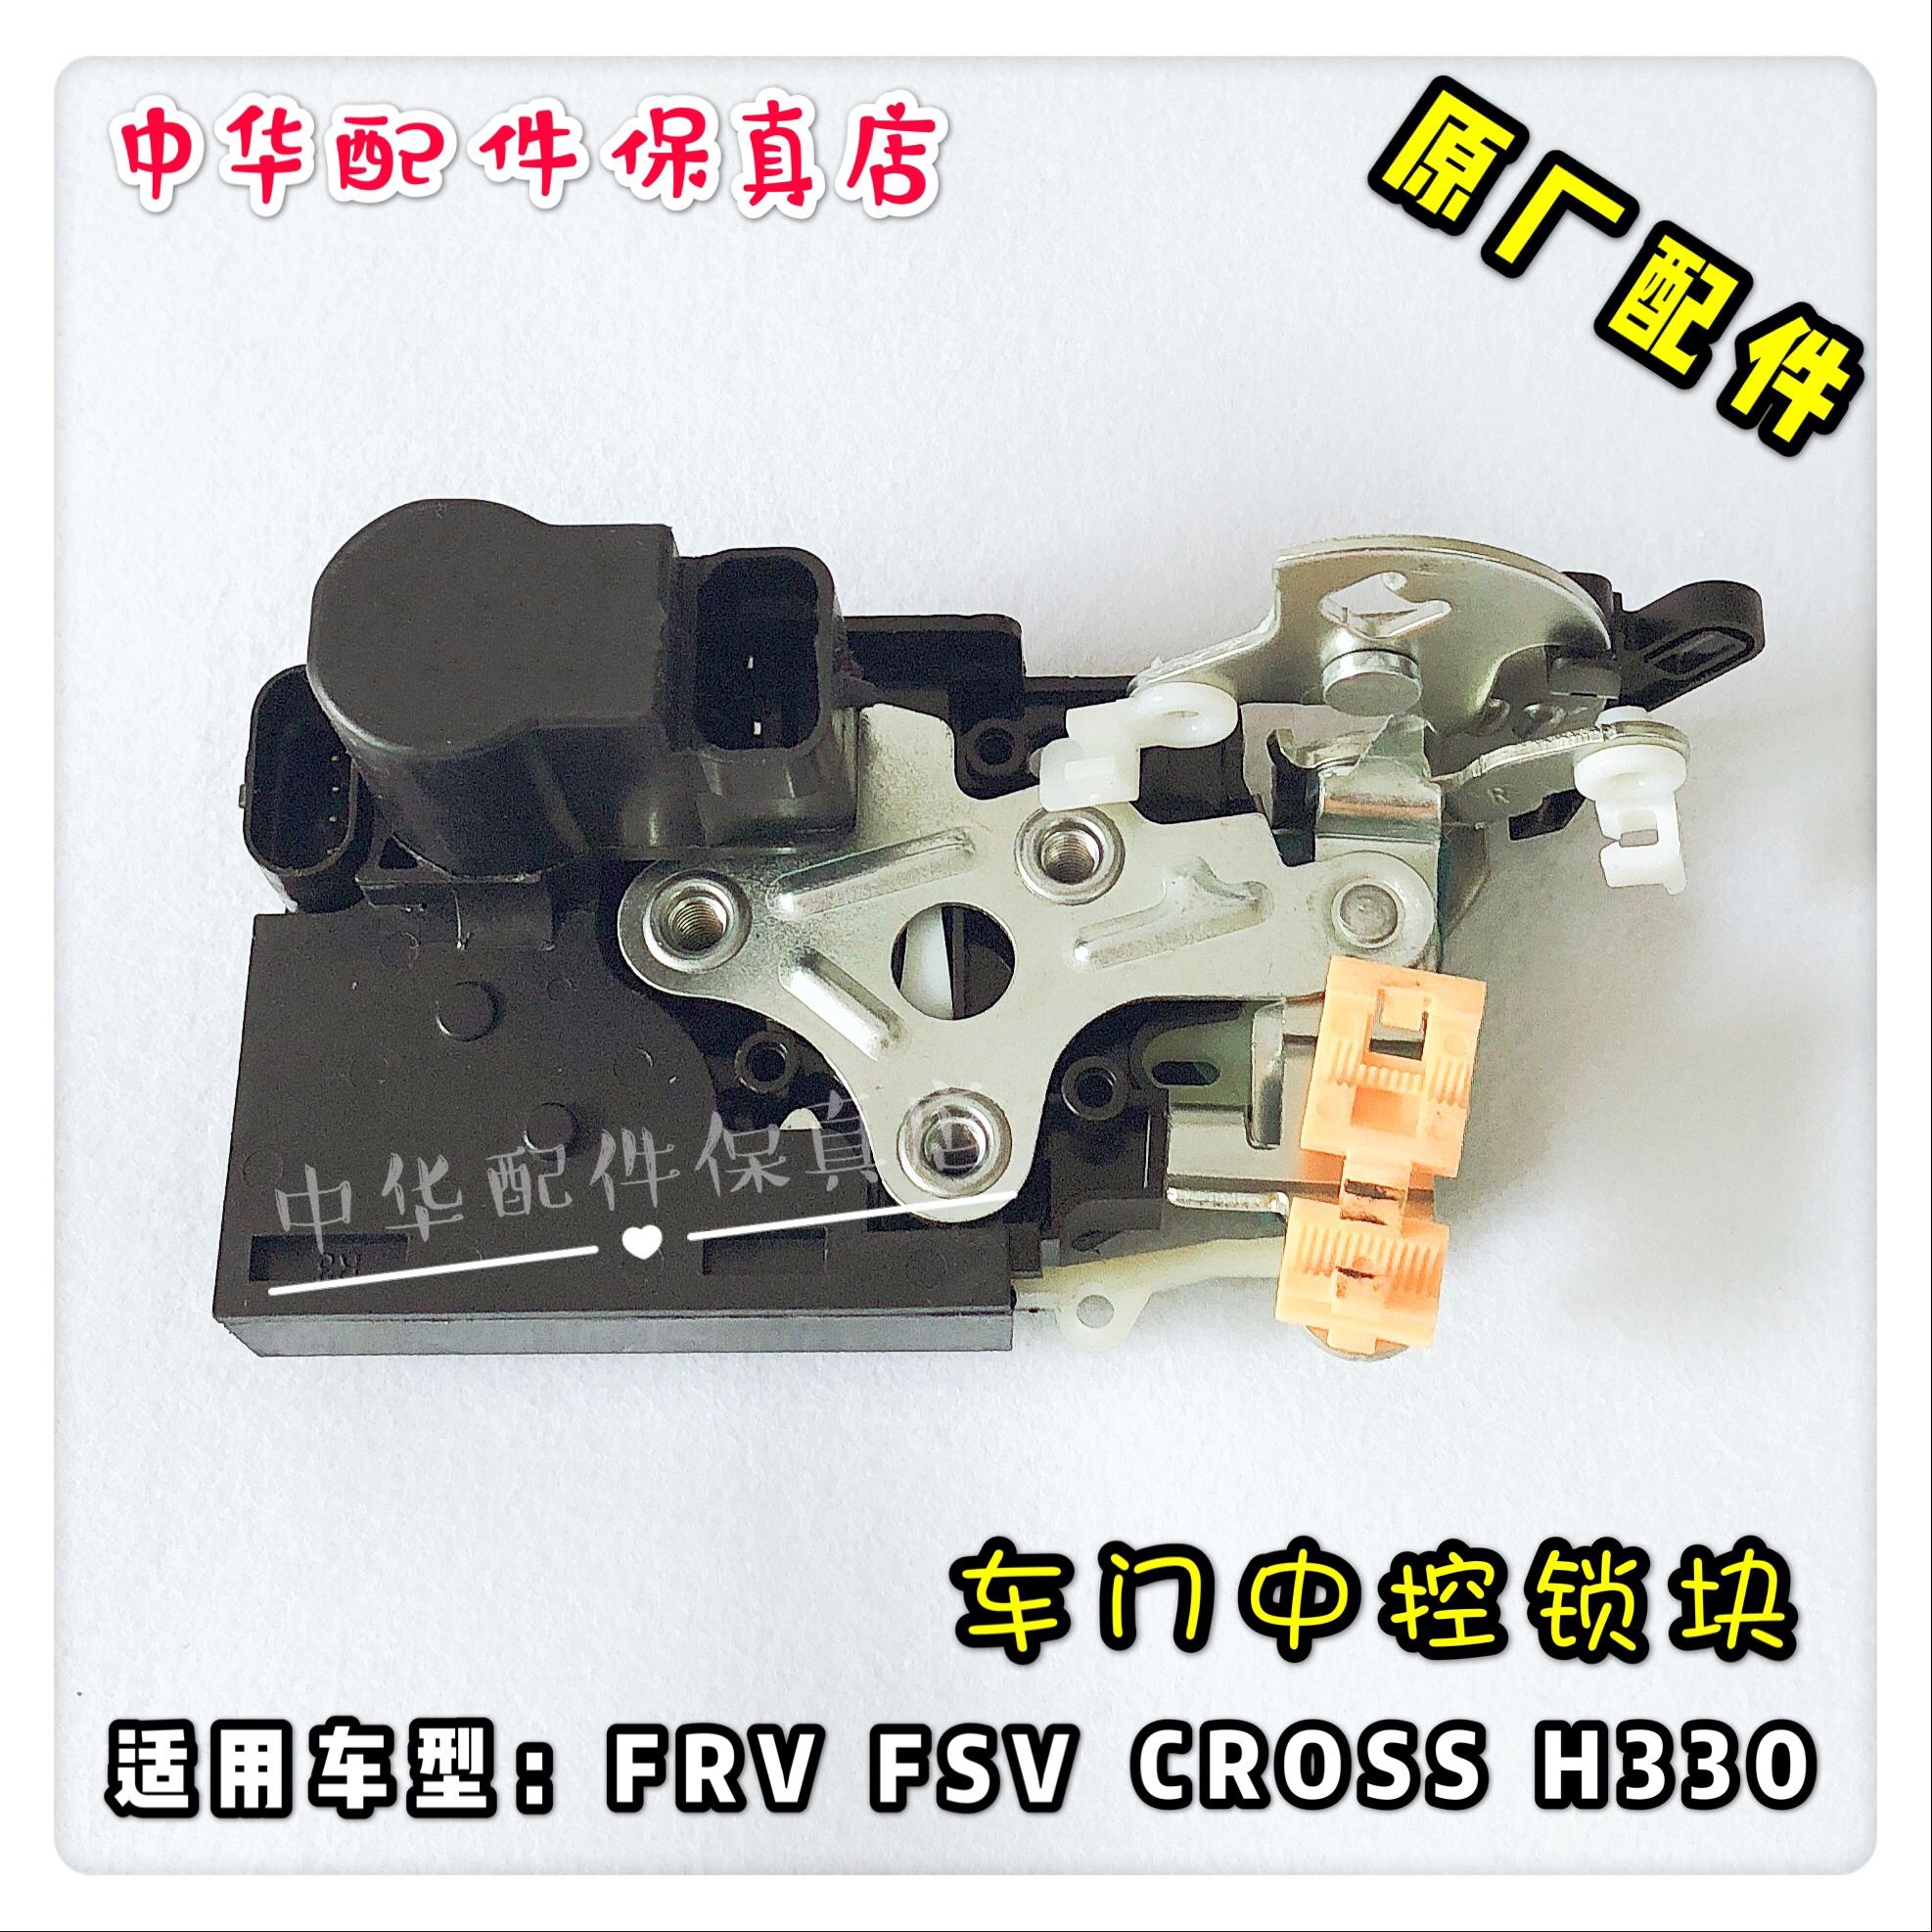 中华骏捷FRV FSVCROSS H330H320中控锁 闭锁器 锁块总成 原厂配件